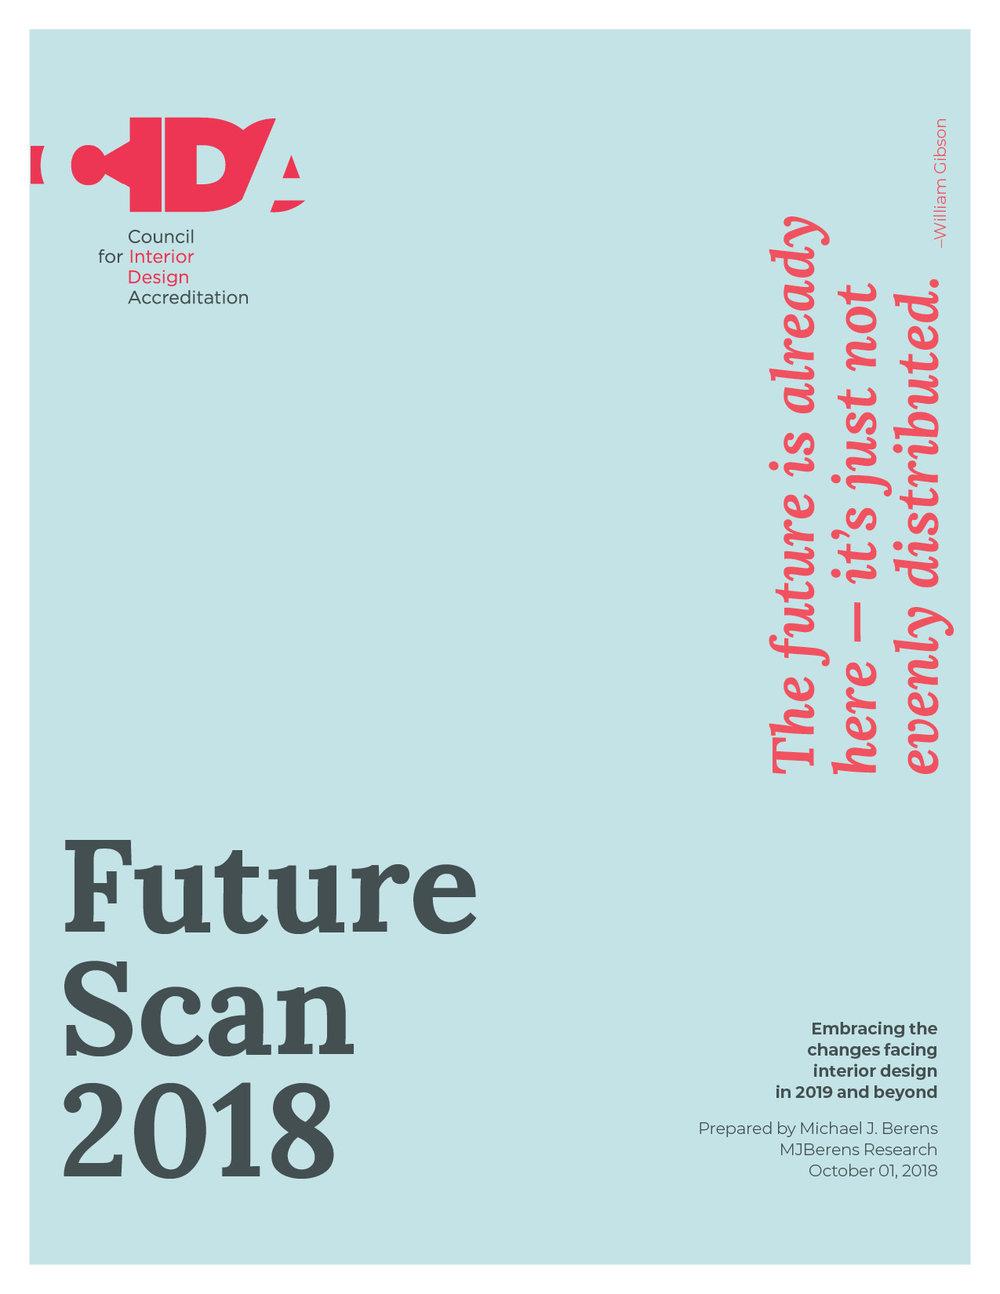 21Dec18_CIDA_FutureScan.jpg